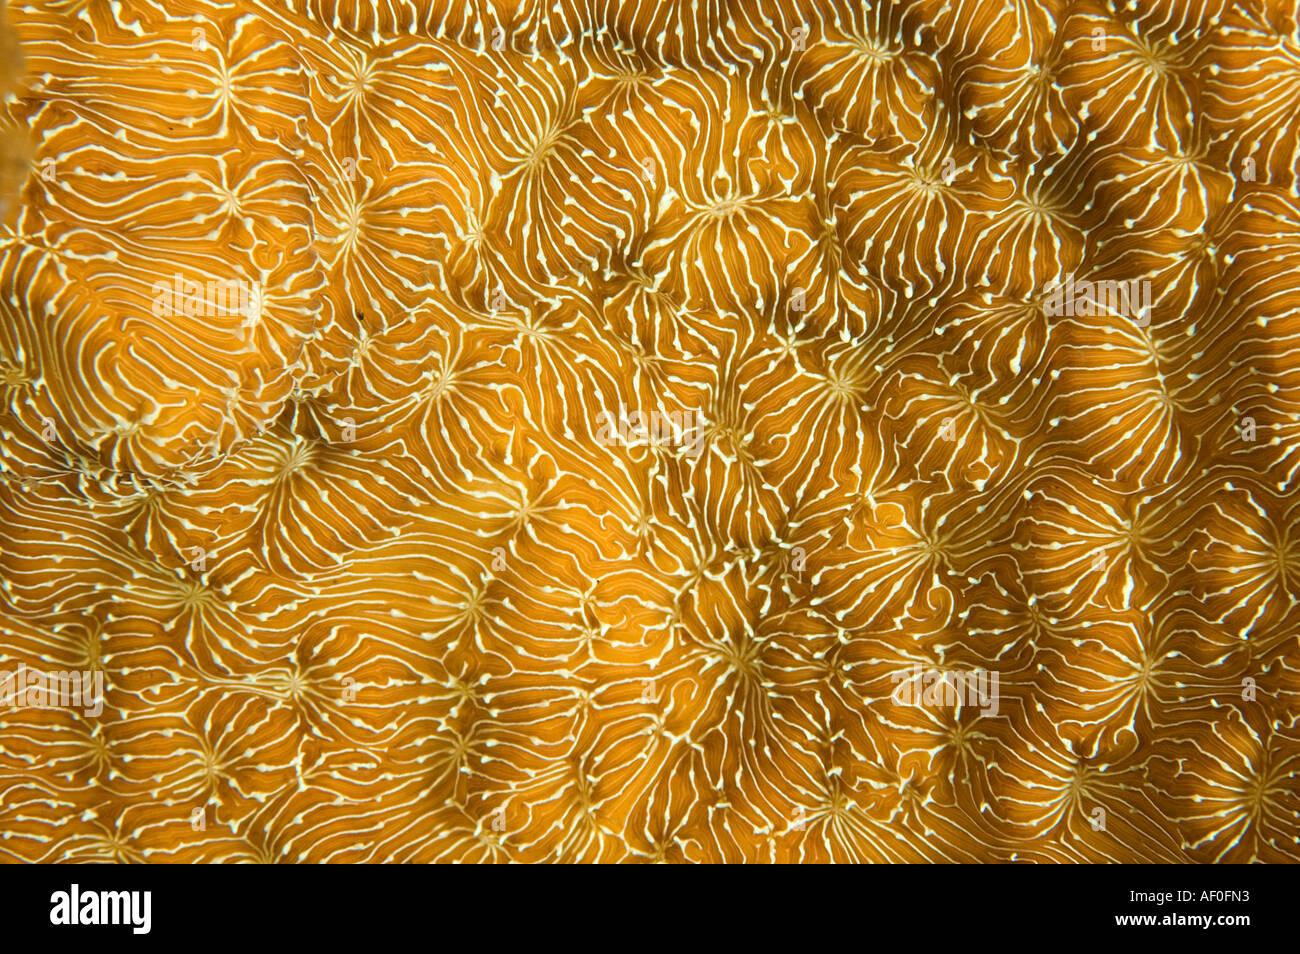 Détails d'une texture de coraux durs, Bali Indonésie. Photo Stock